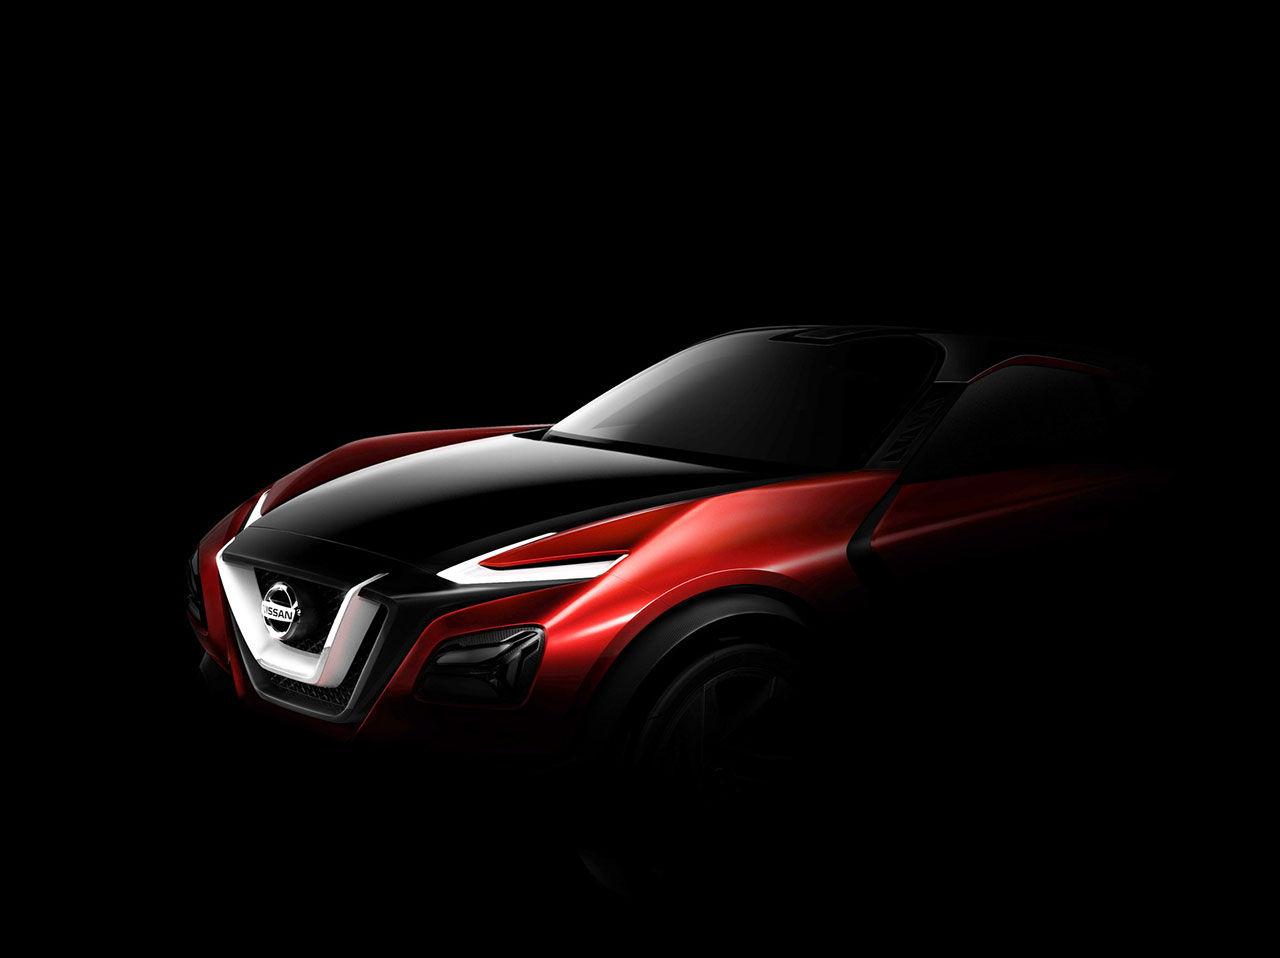 Nissan släpper teaserbild på crossover